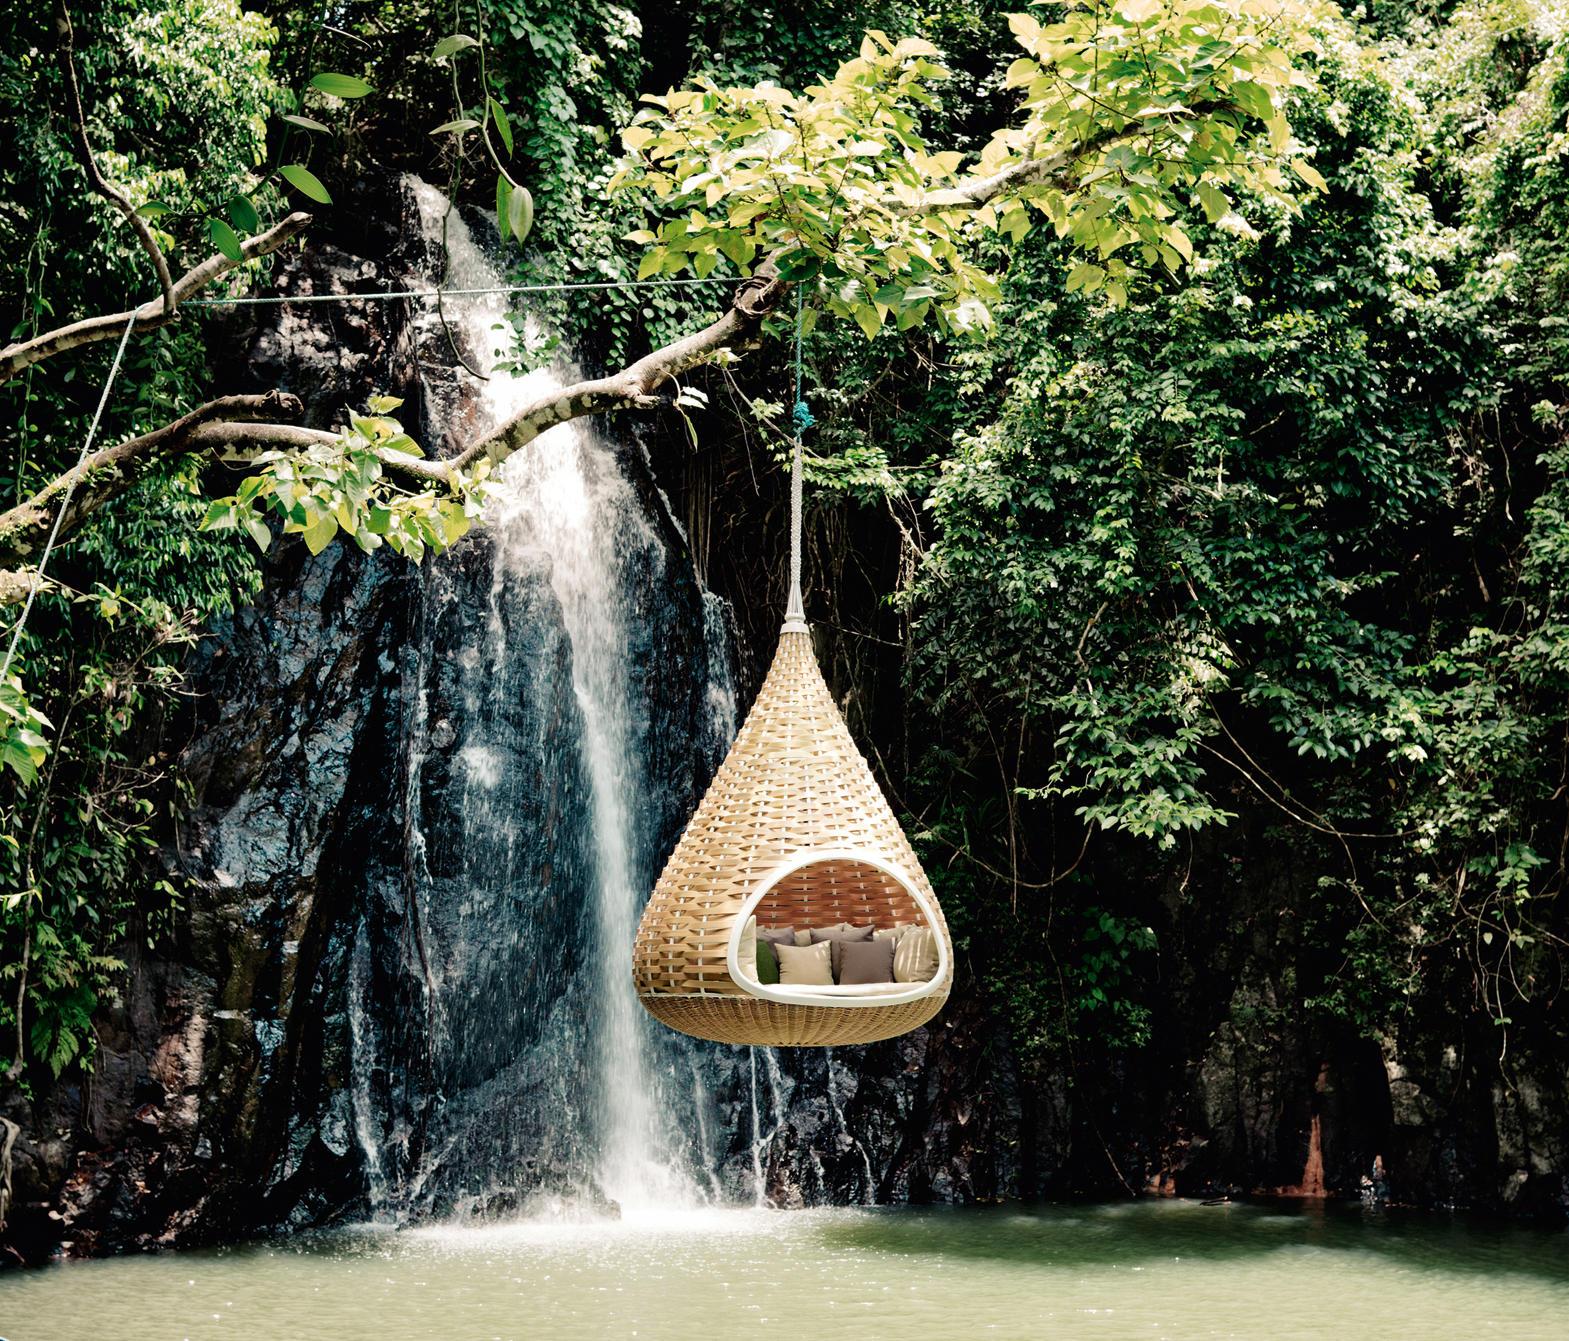 La 'nuova' casa sull'albero